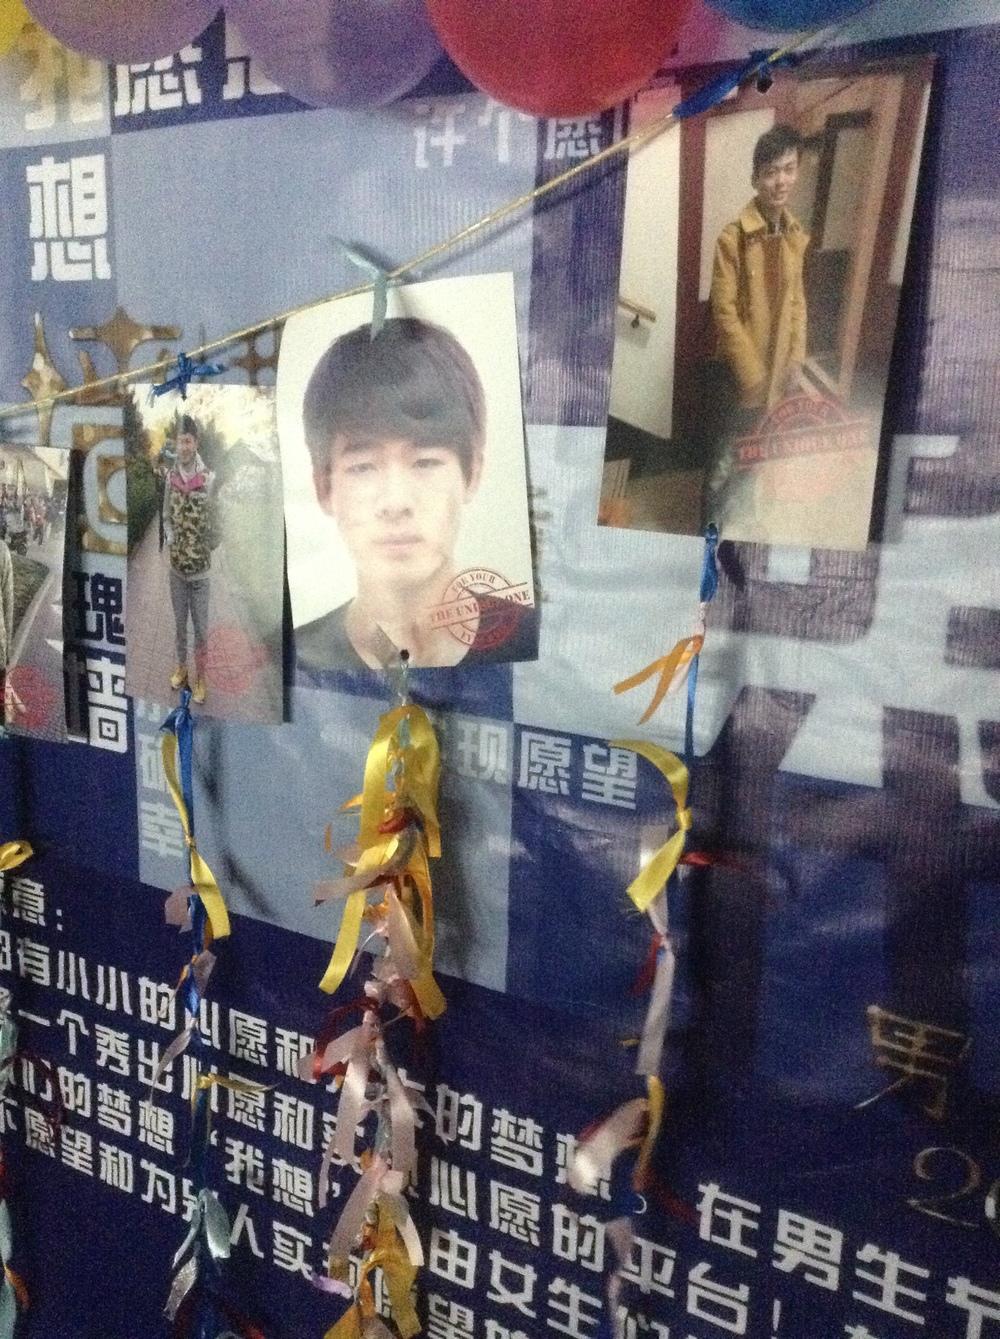 Muro en UIBE: El soltero que tenga más lazos amarrados en su foto es denominado el más apetecido.